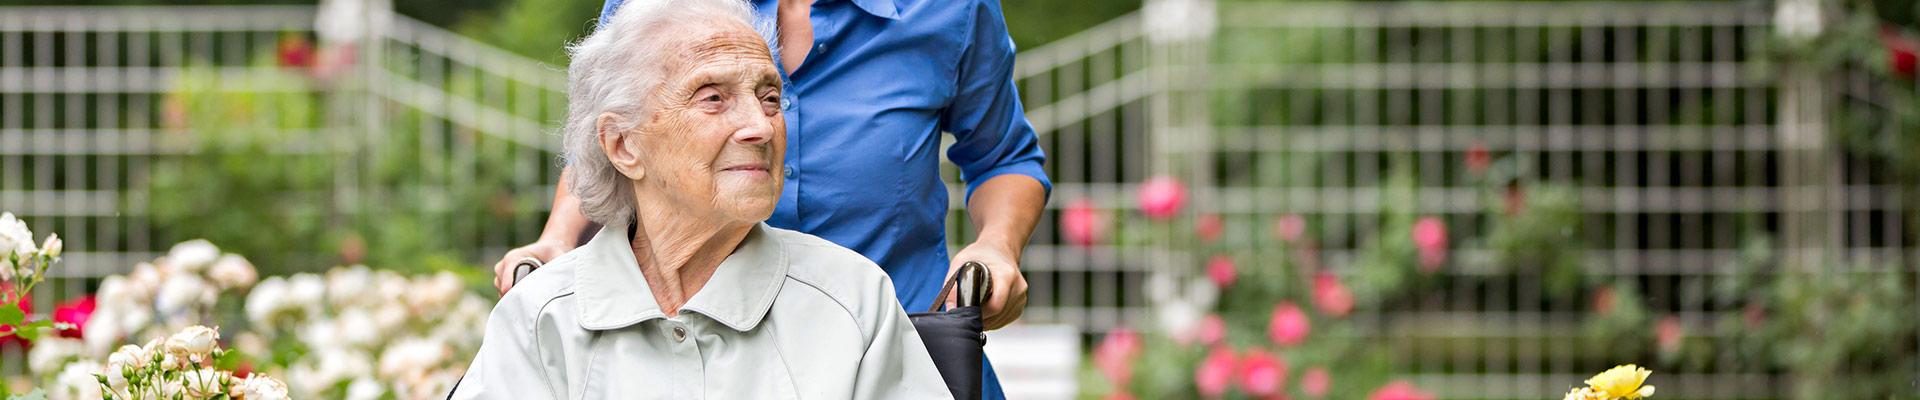 L'assistance pour les personnes âgées